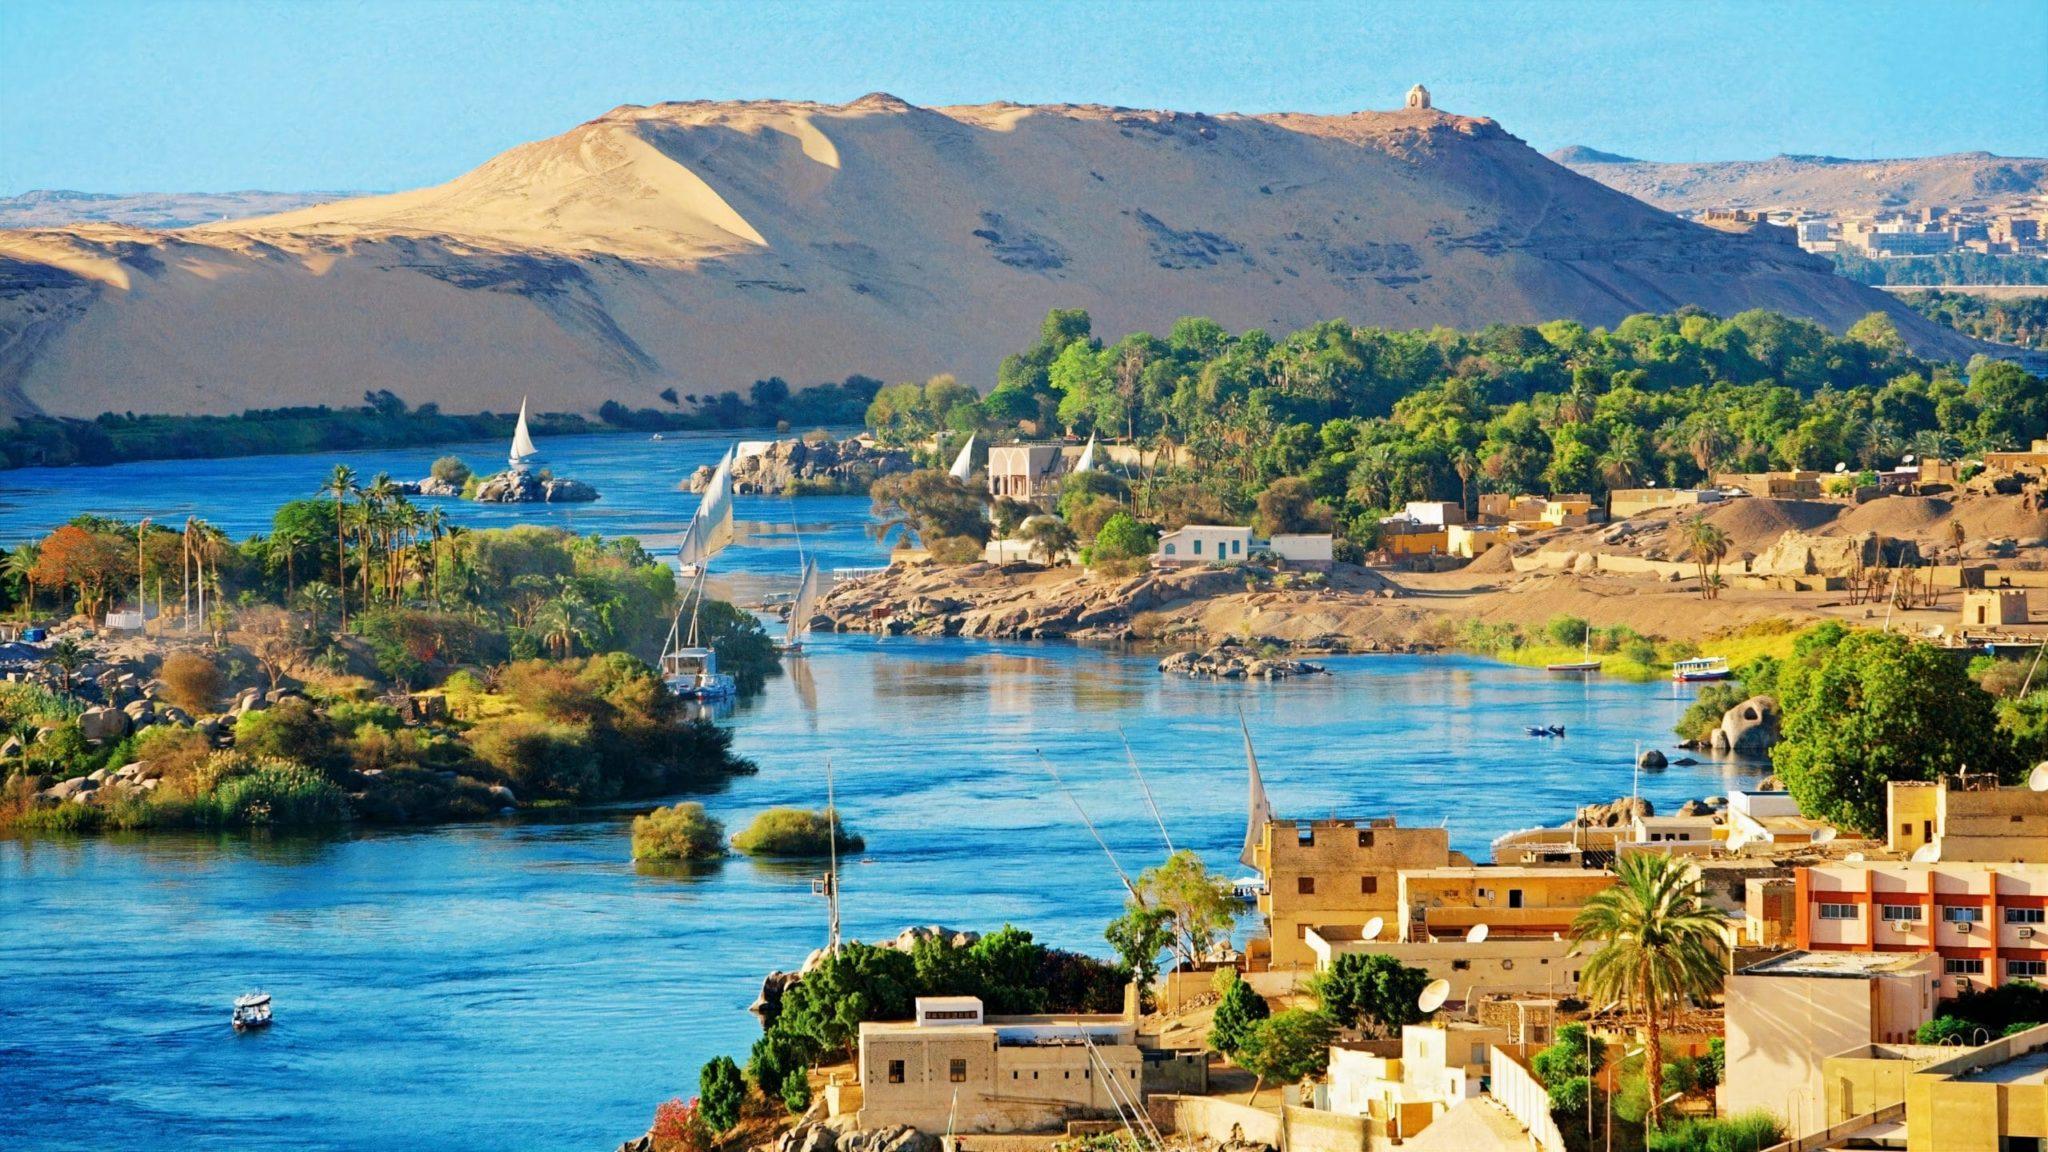 Croisière sur le Nil - Photo principale..